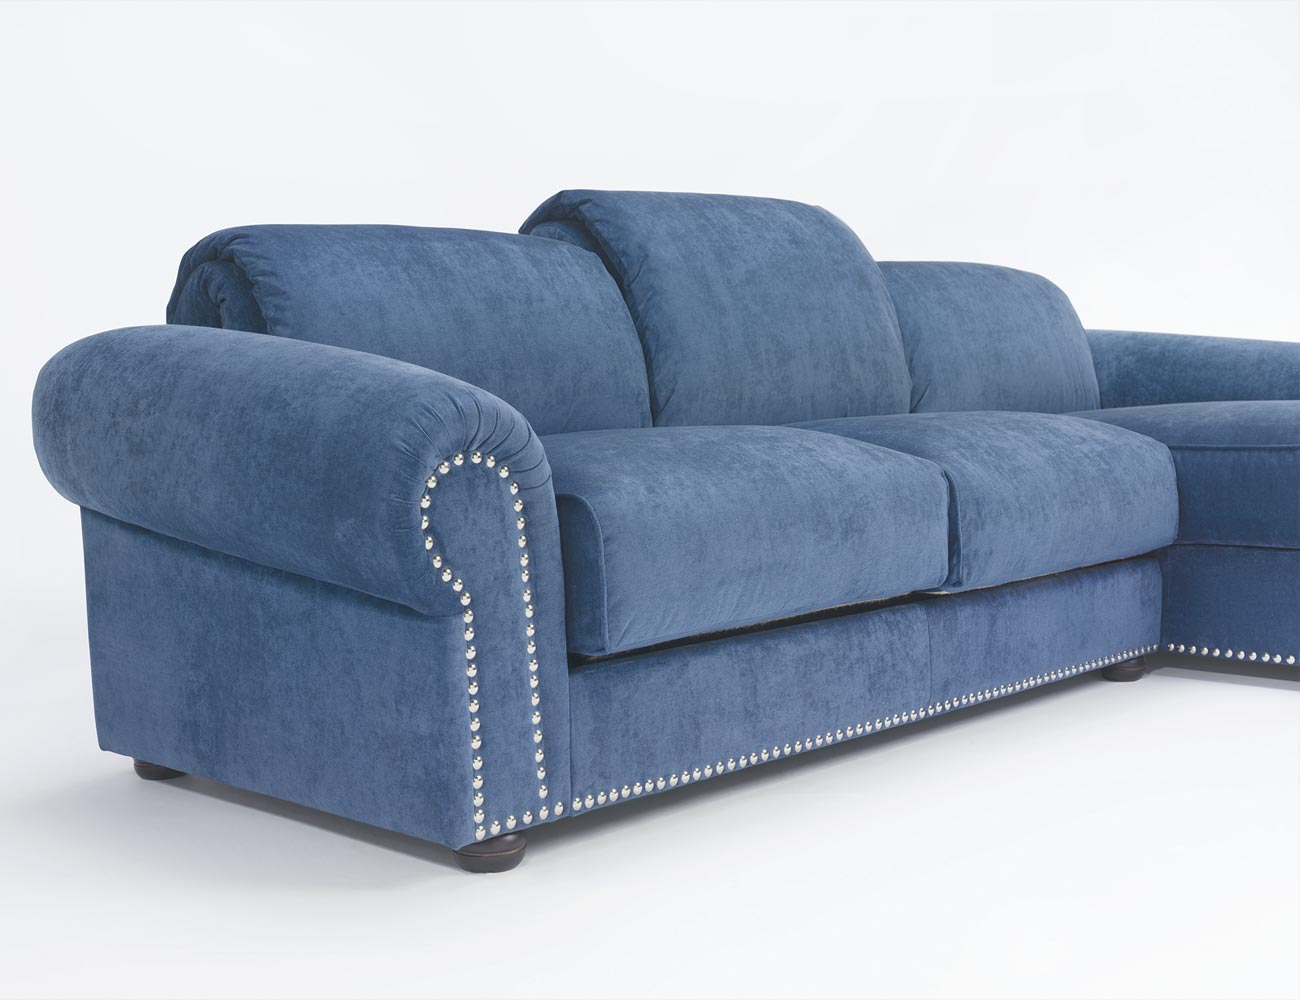 Sofa chaiselongue gran lujo decorativo azul 138